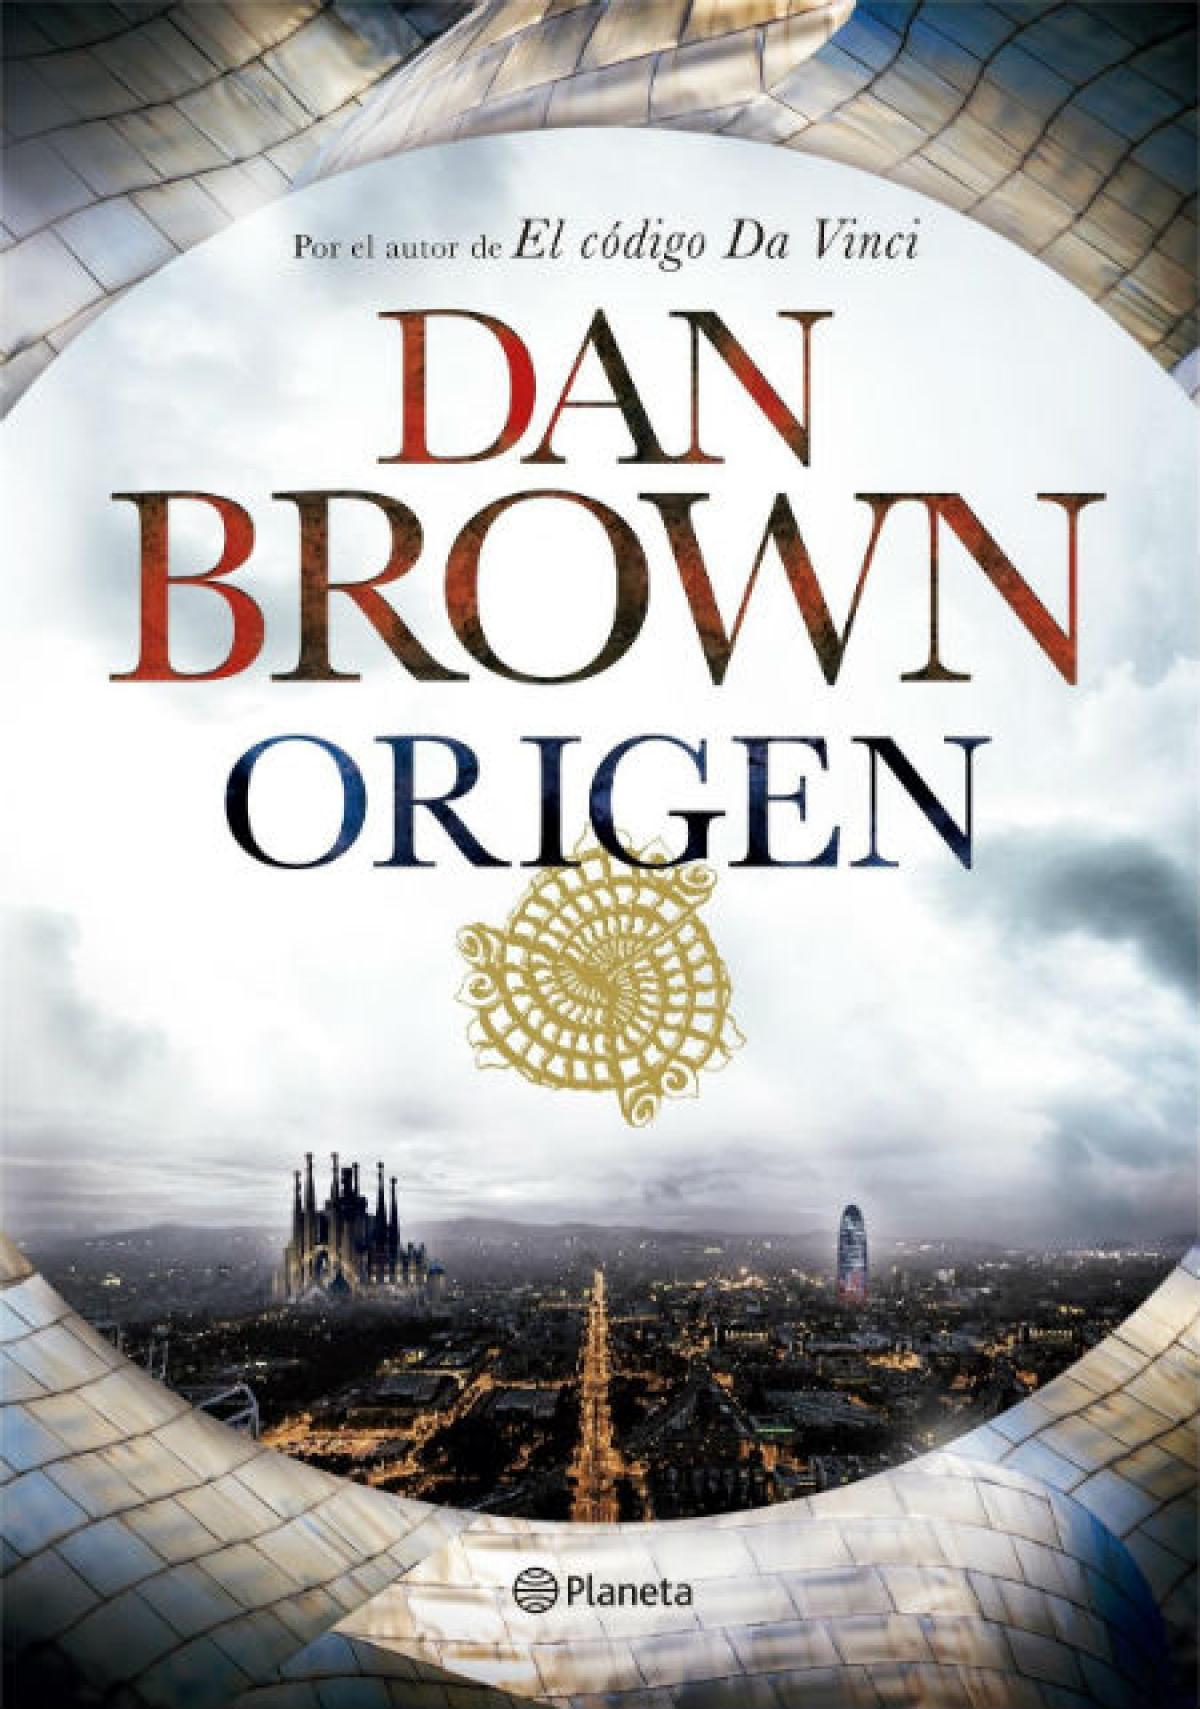 Llega Origen Las Películas Basadas En Las Novelas De Dan Brown Hobbyconsolas Entretenimiento